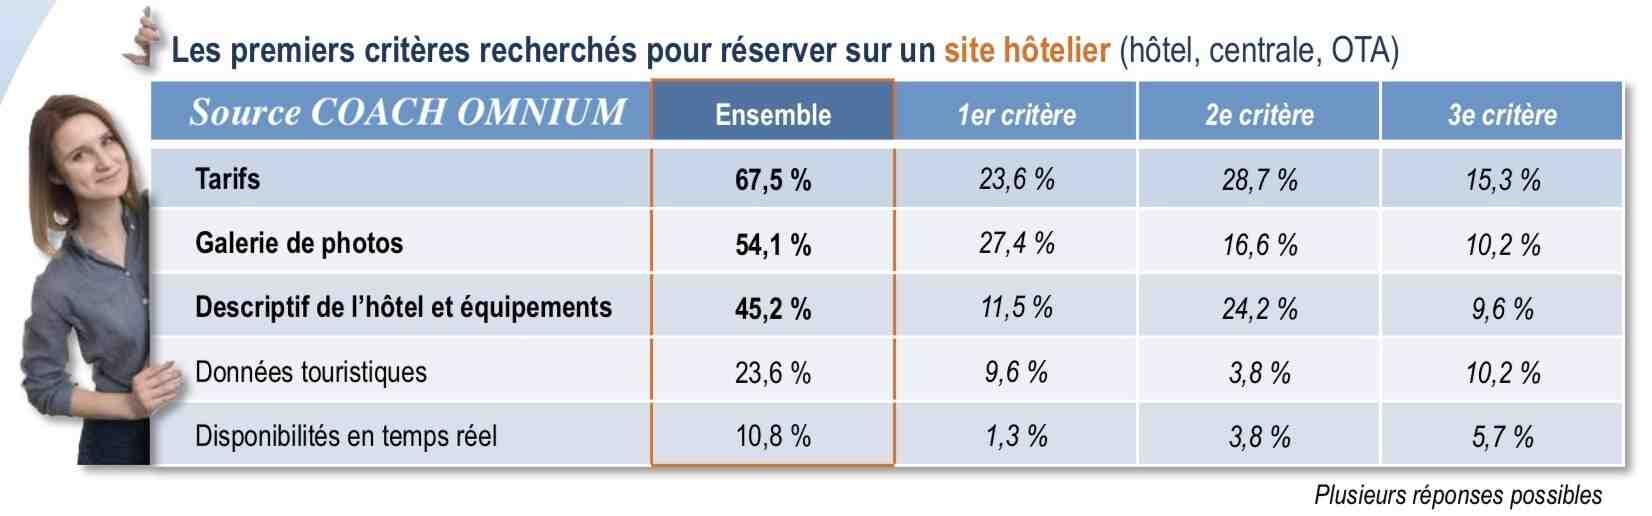 Comment calculer la durée moyenne de séjour à l'hôtel?